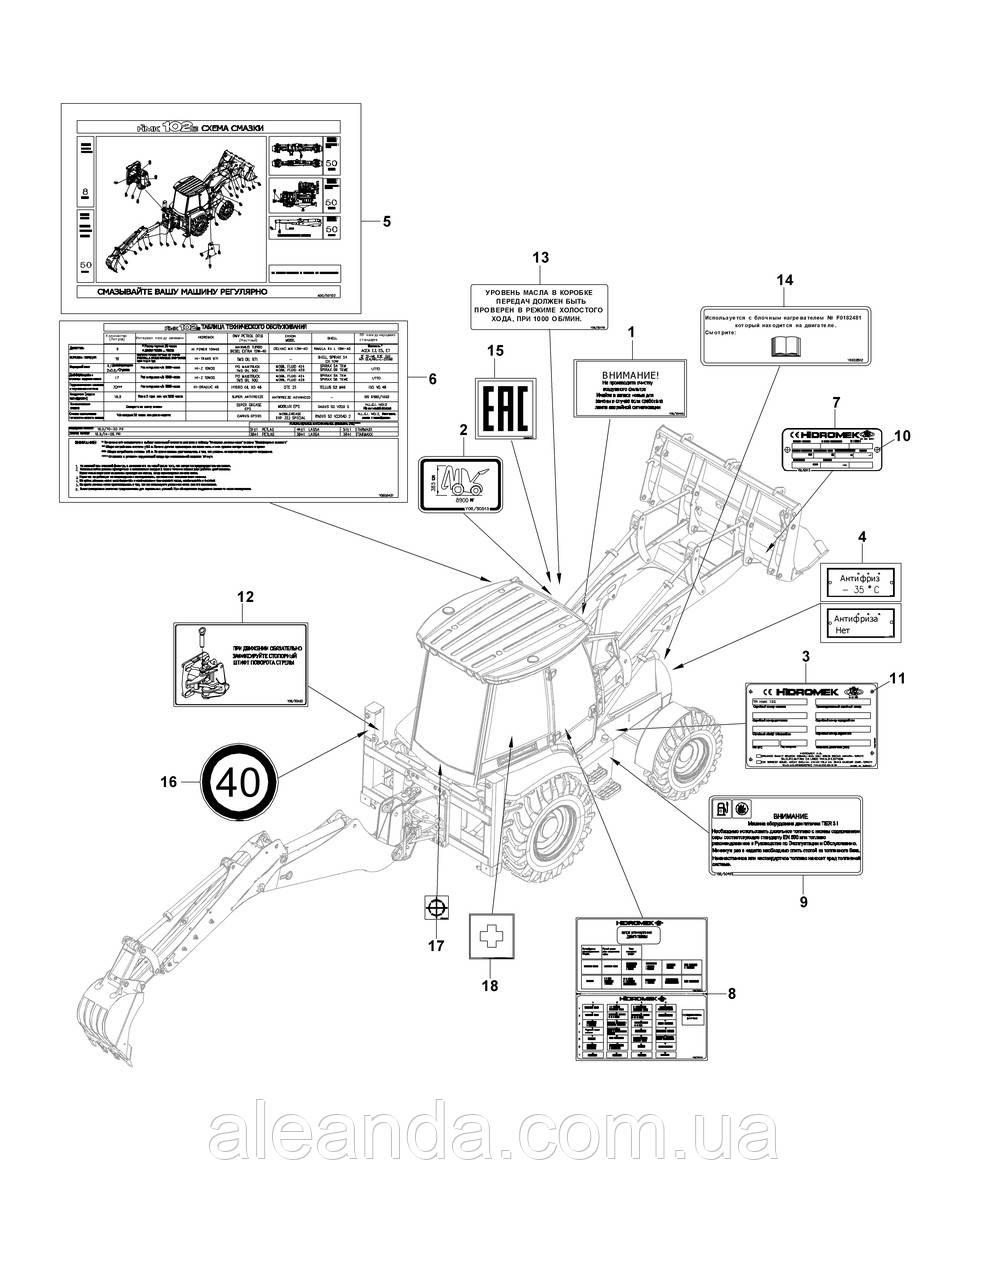 S4880955 ремкомплект гідроциліндра стріли Hidromek